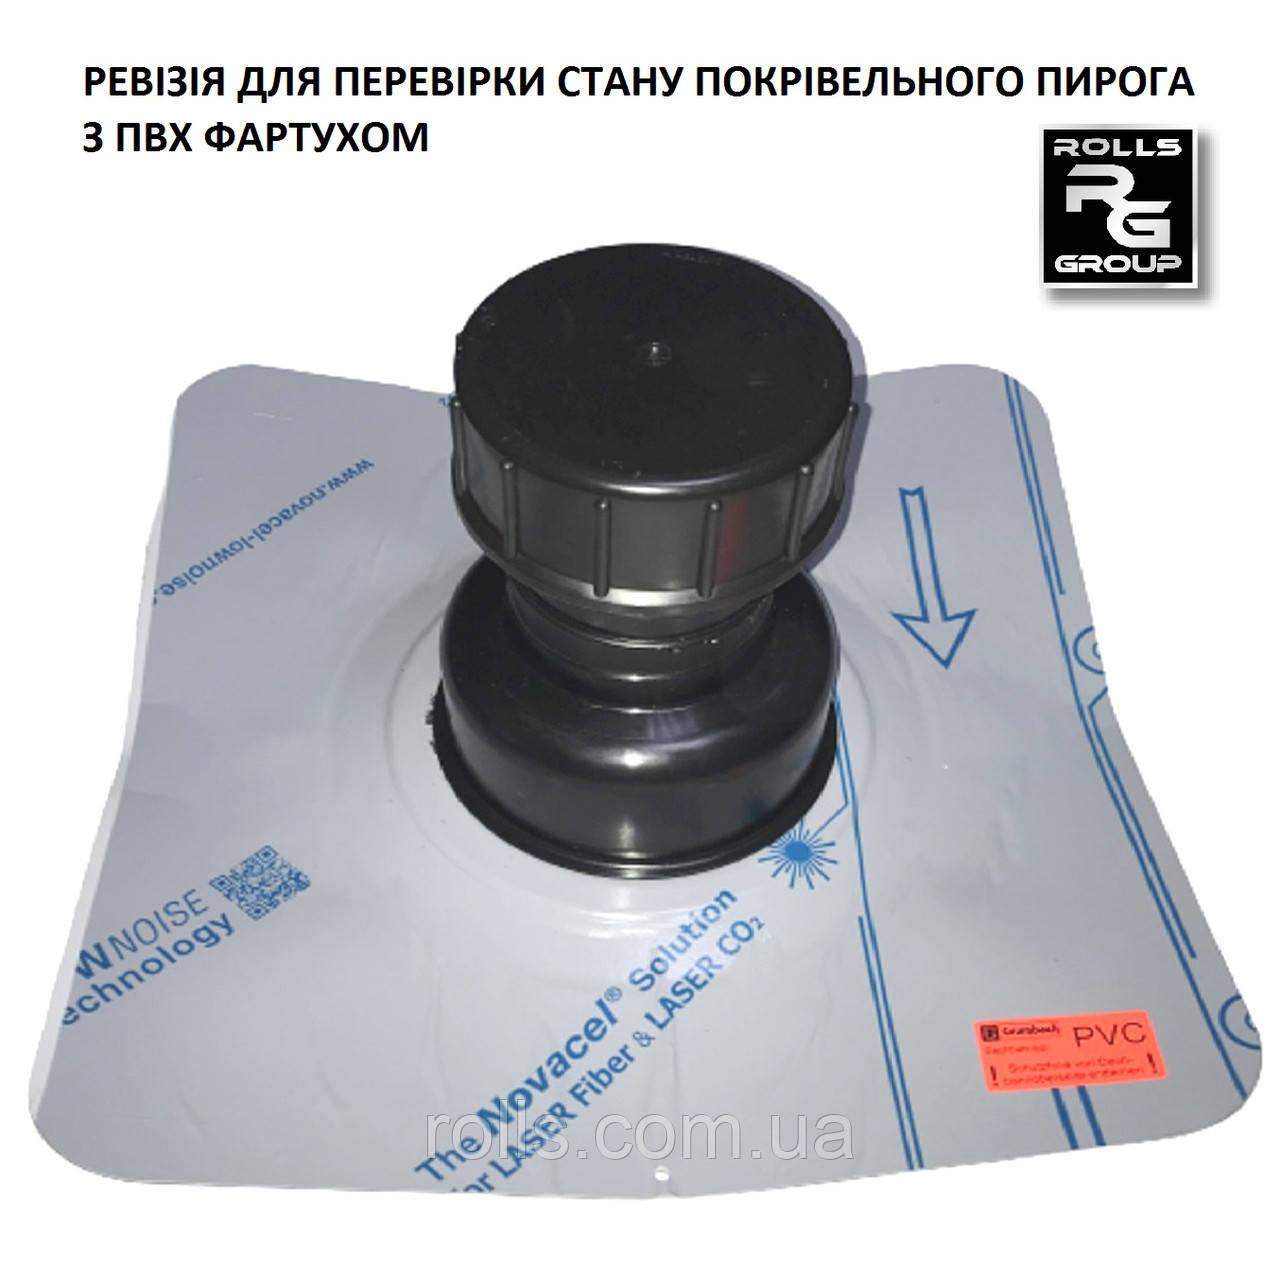 Rolls-Group-PVC Ревизия для проверки влажности кровельного пирога, фартук ПВХ - мембрана